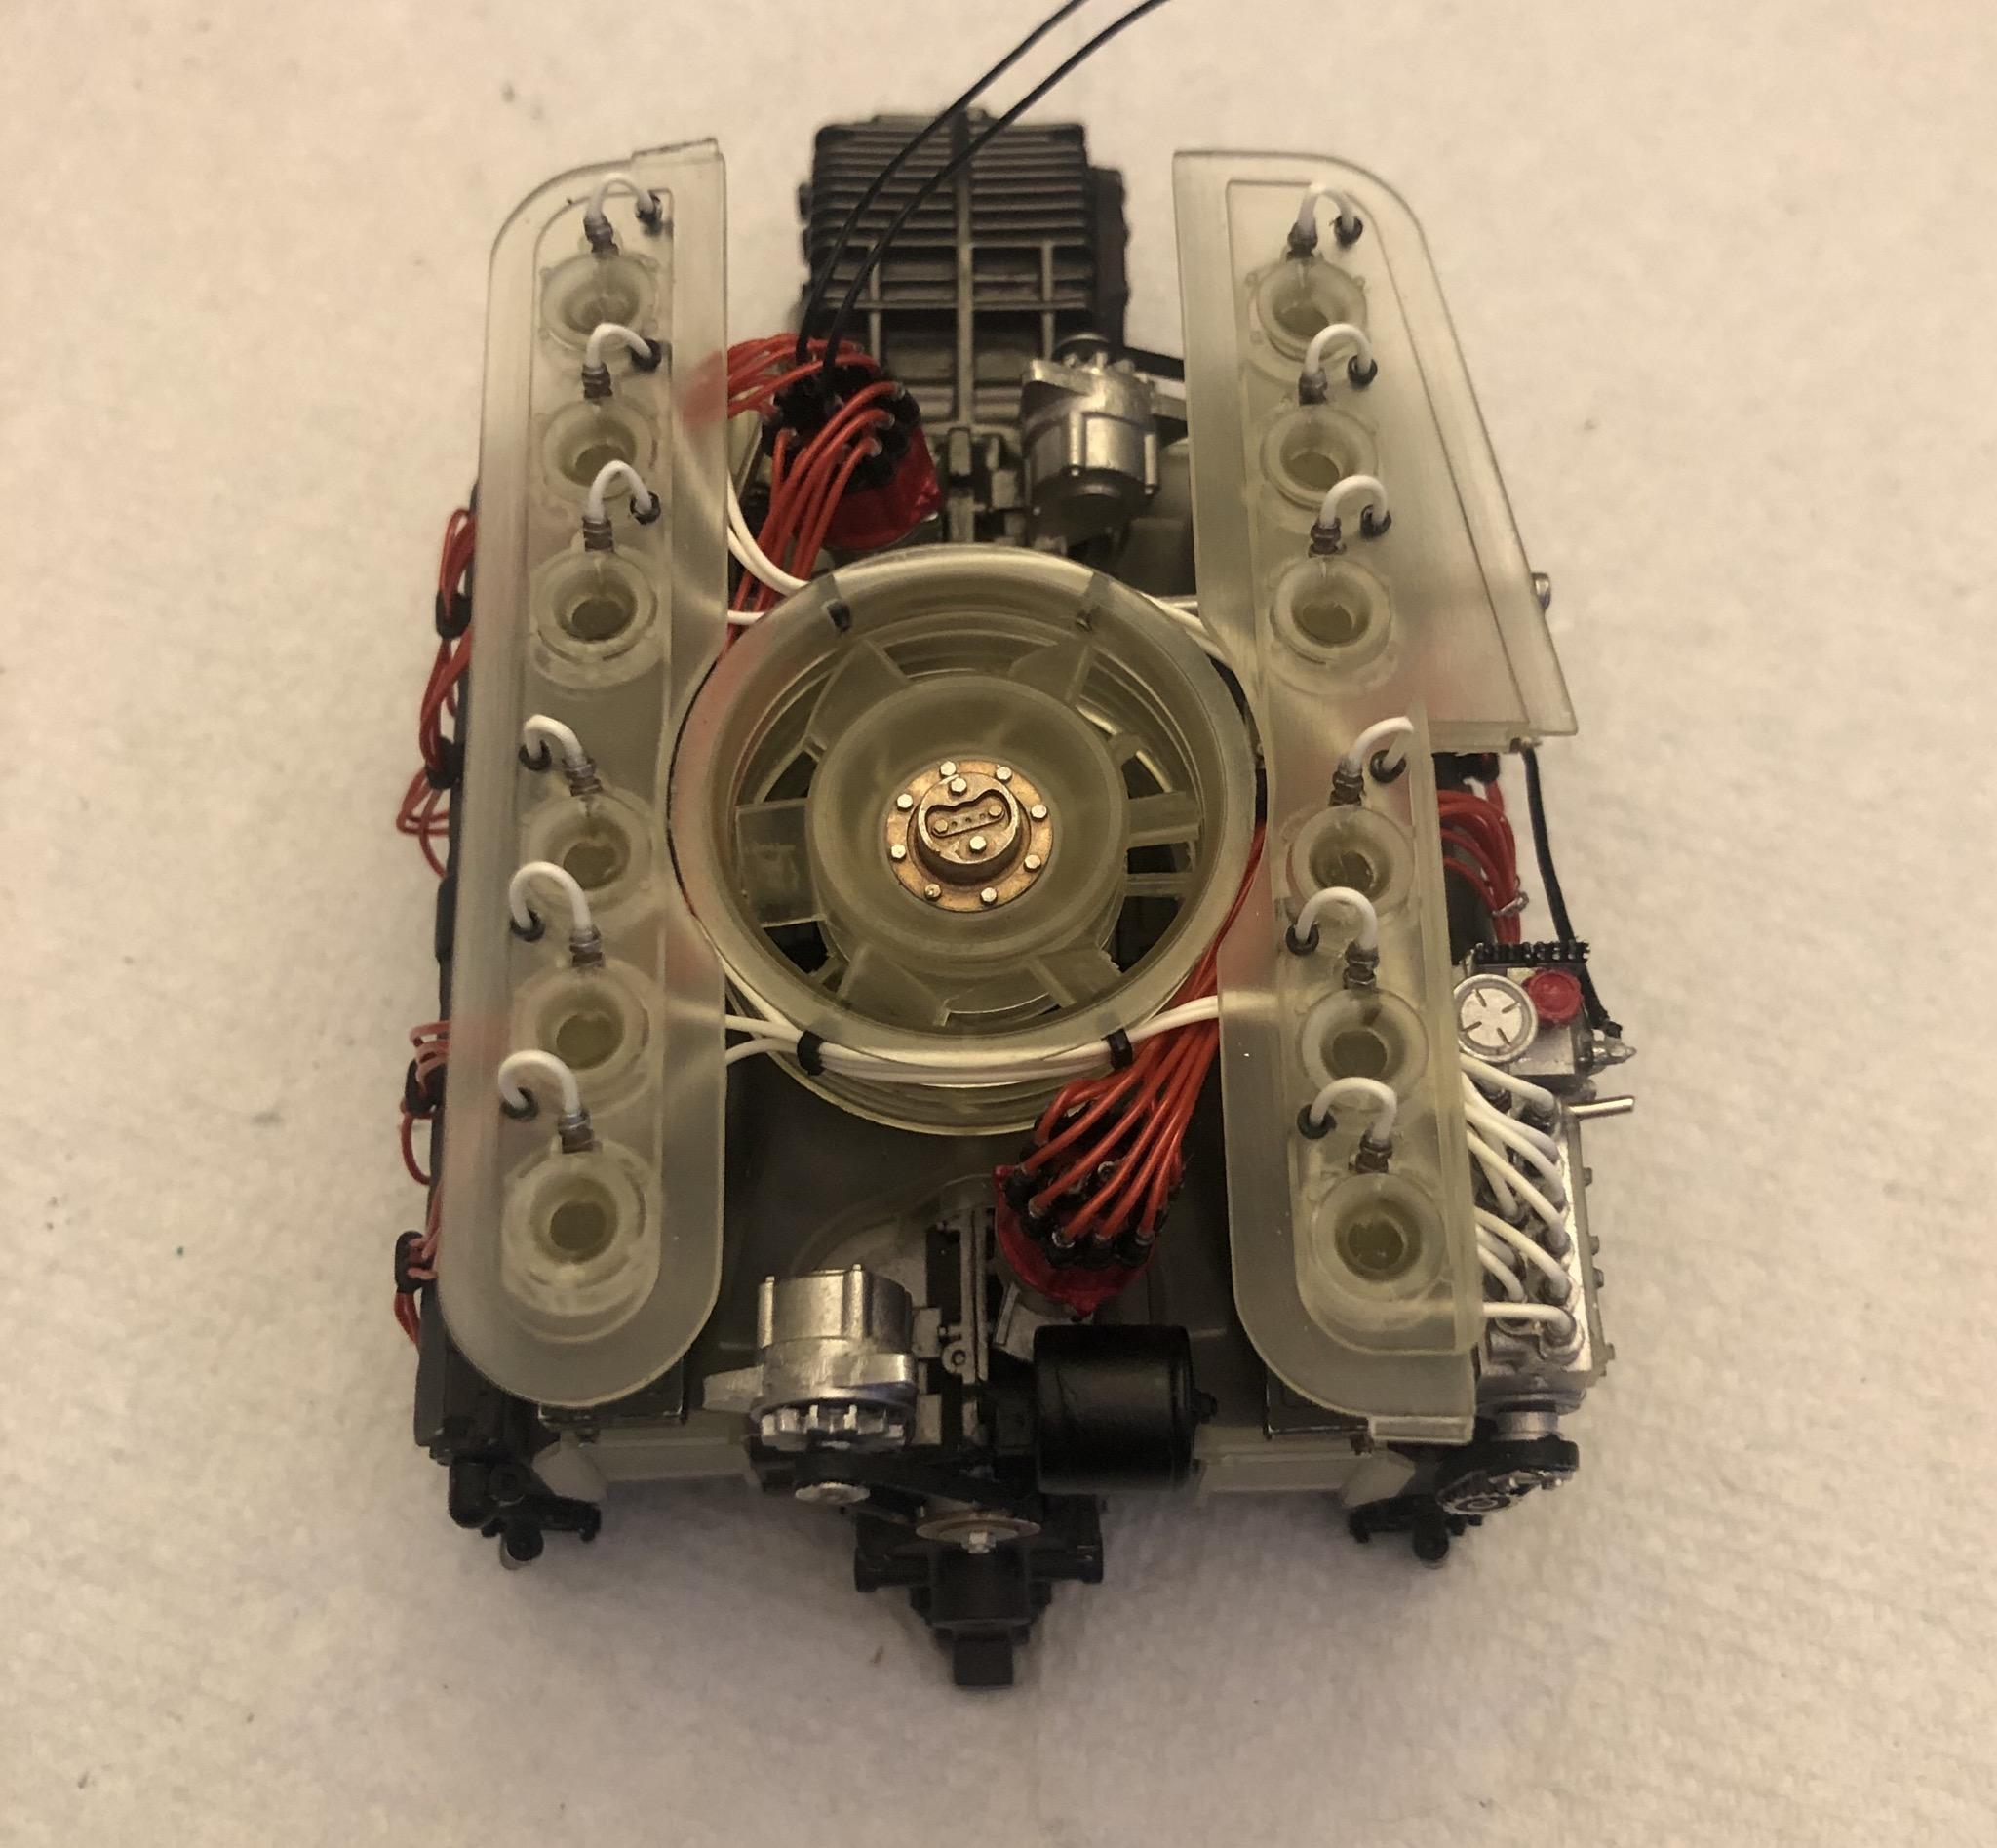 287517D5-92CA-43C7-950E-7E0D4BC2D90D.jpeg